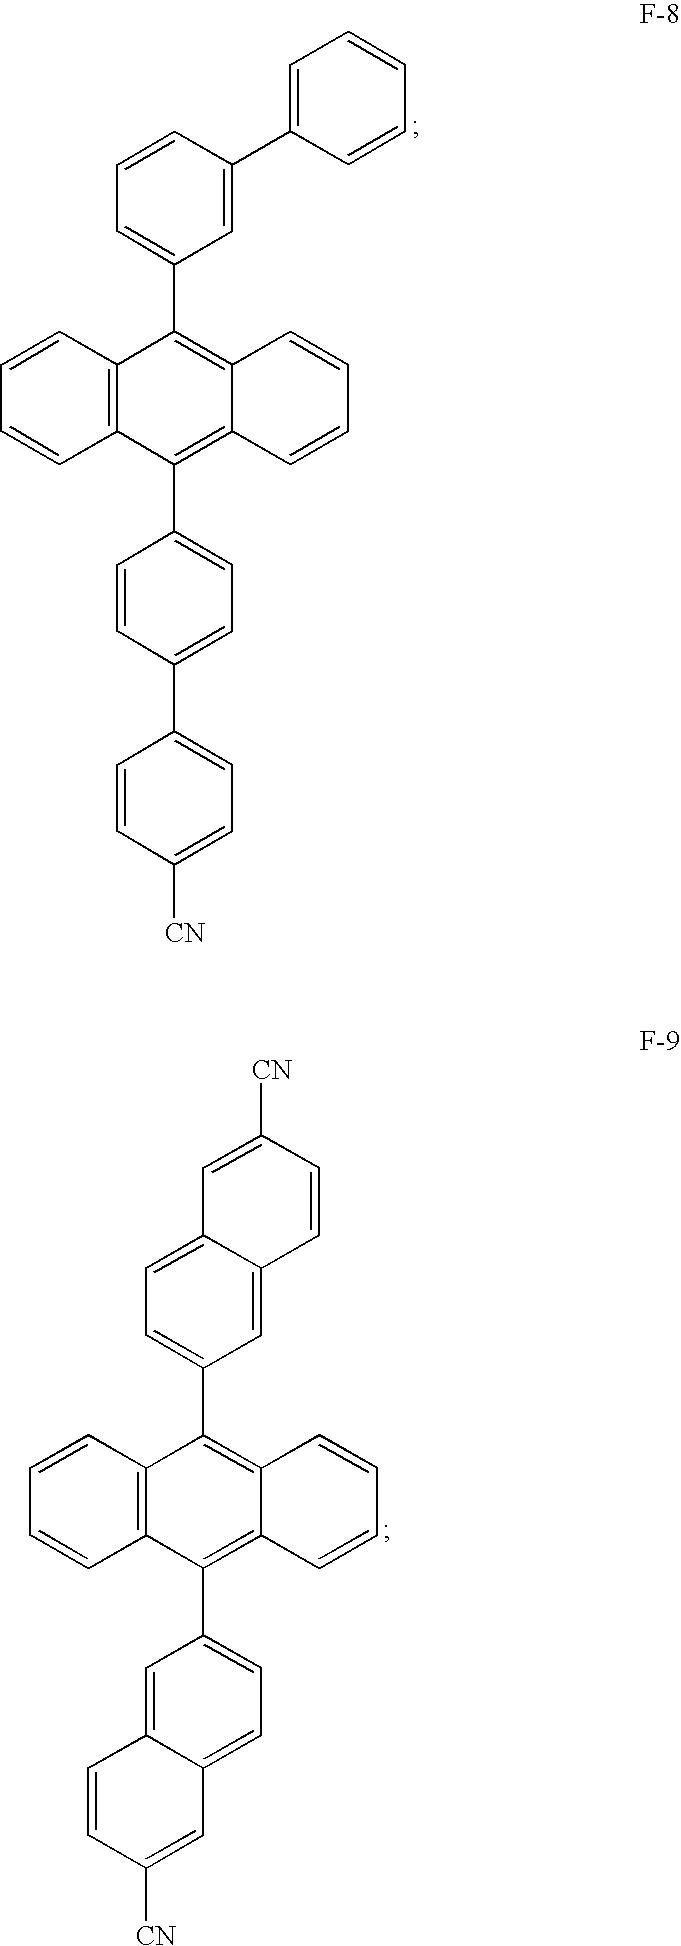 Figure US20090115316A1-20090507-C00016